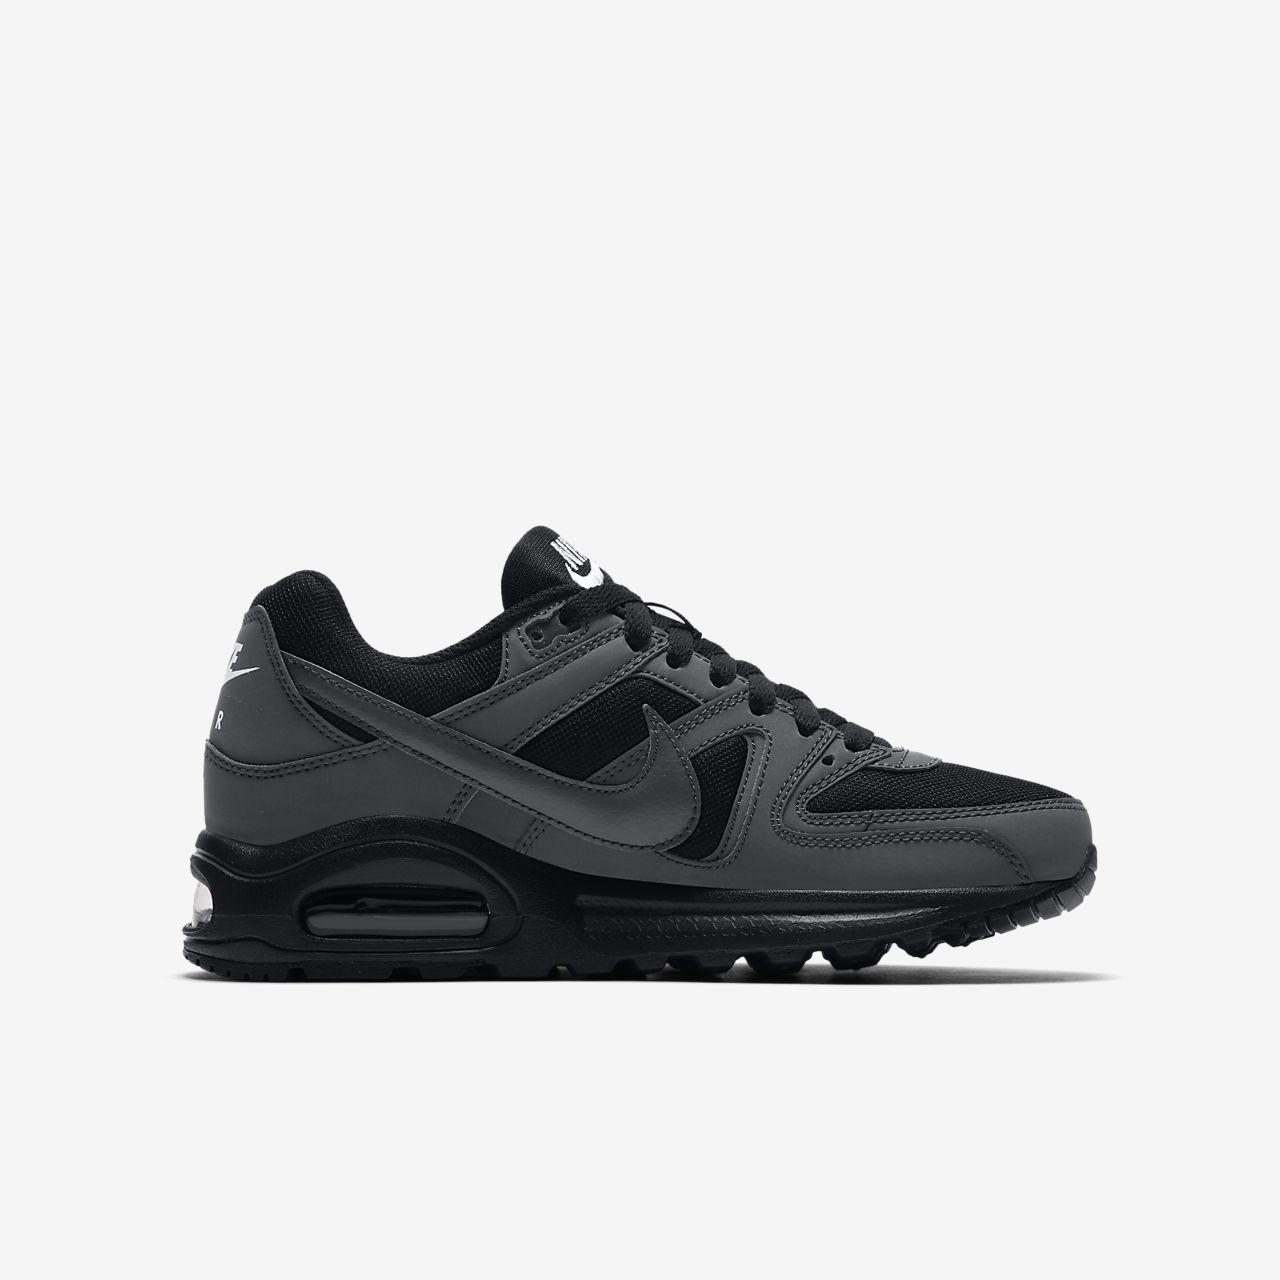 ... Nike Air Max Command Flex Schuh für jüngere Kinder